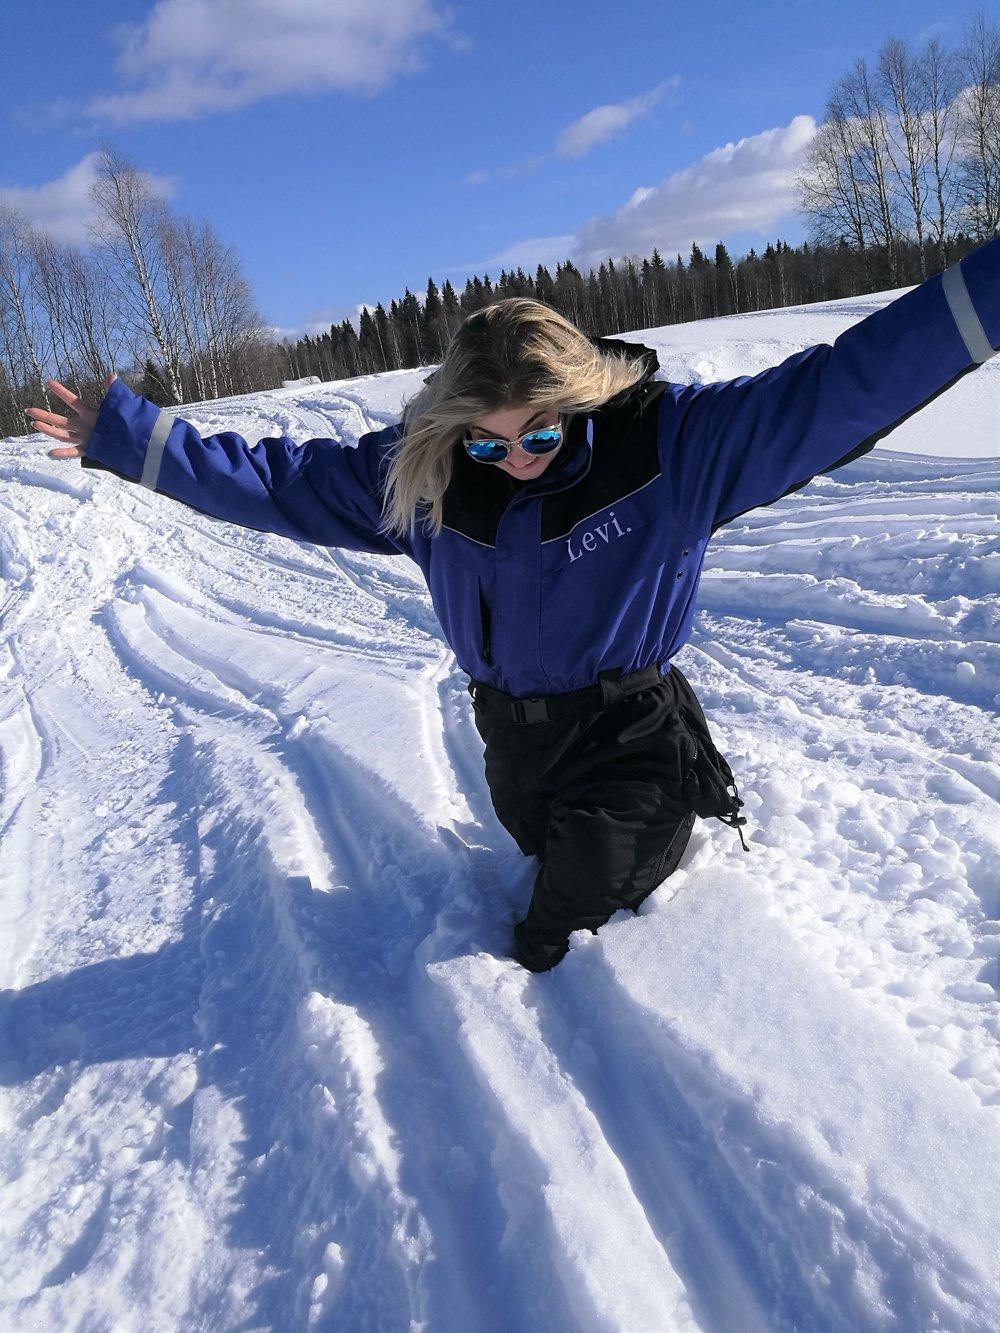 Kannattaa tosin varoa minne astuu ilman lumikenkiä, meinaan lumen määrä saattaa yllättää! Itse upposin lähes pyllyä myöten lumeen!